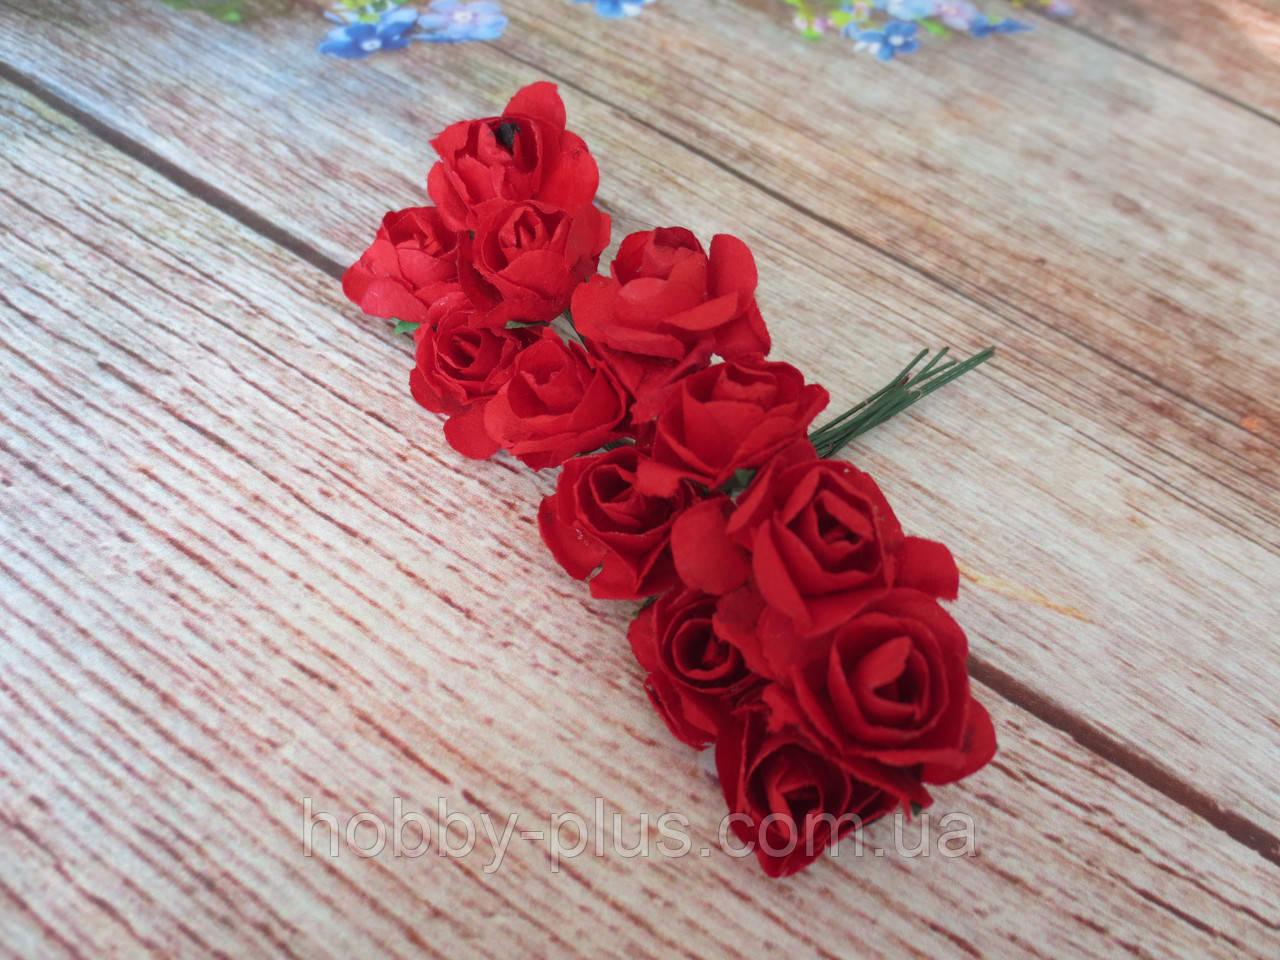 Роза бумажная, d 1,5 см, цвет КРАСНЫЙ, 12 шт/упаковка